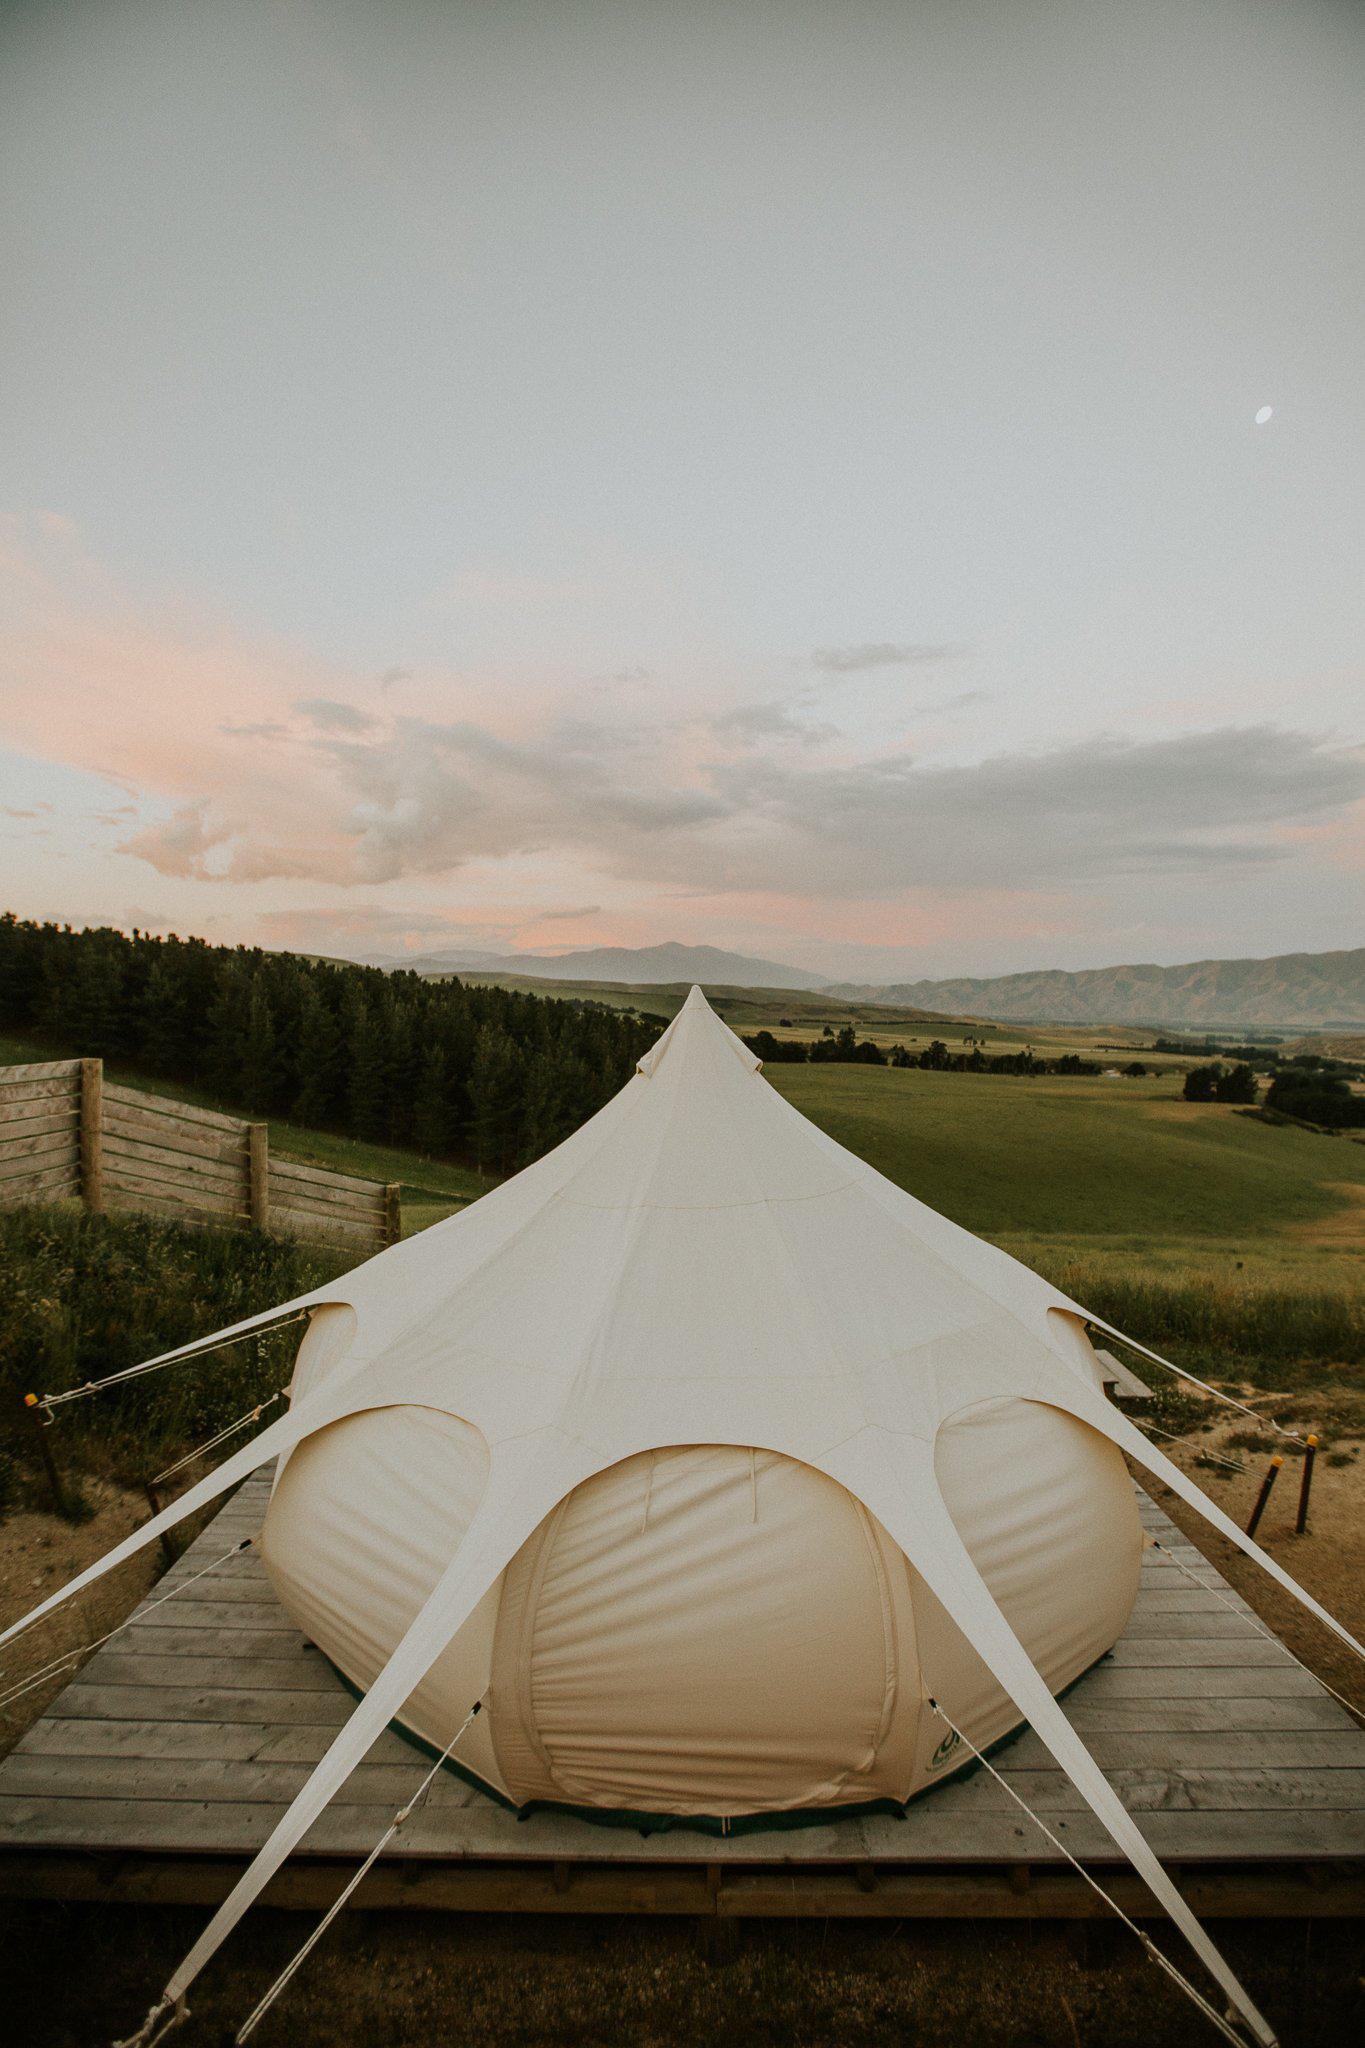 浪漫的野外露营 帐篷酒店山谷美景